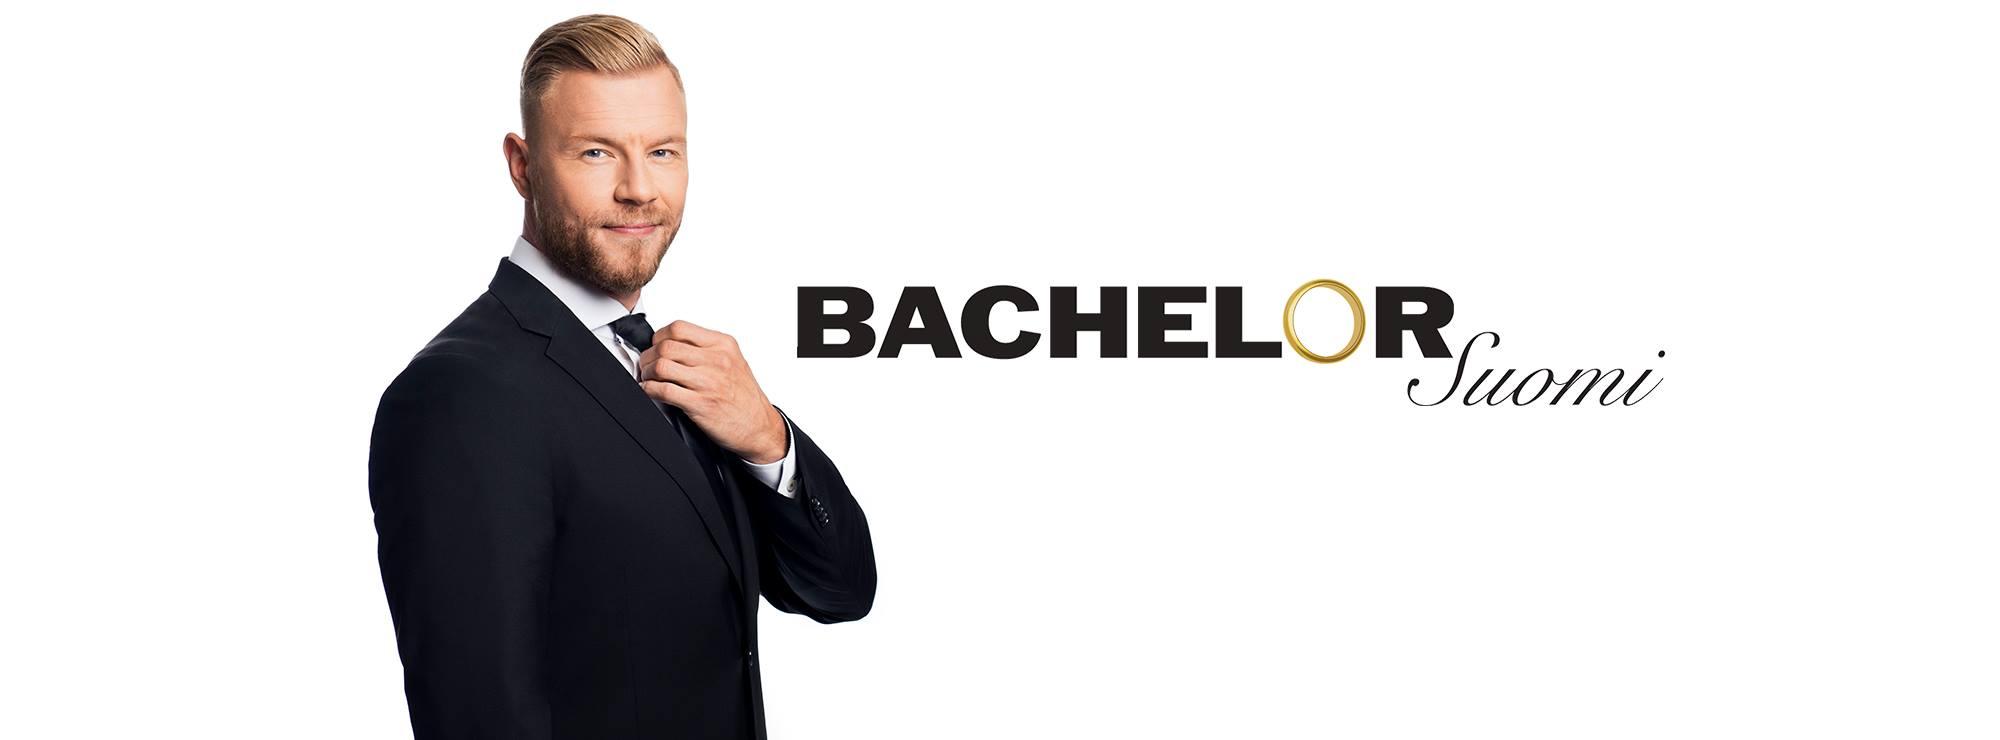 Bachelor Suomi alkaa: Veikkaa TOP 3:sta!